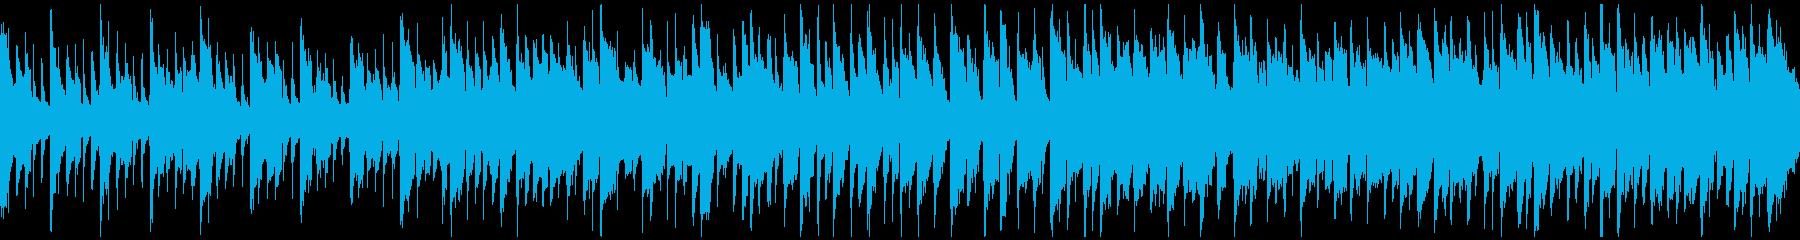 メルヘンチックなリコーダー曲 ※ループ版の再生済みの波形